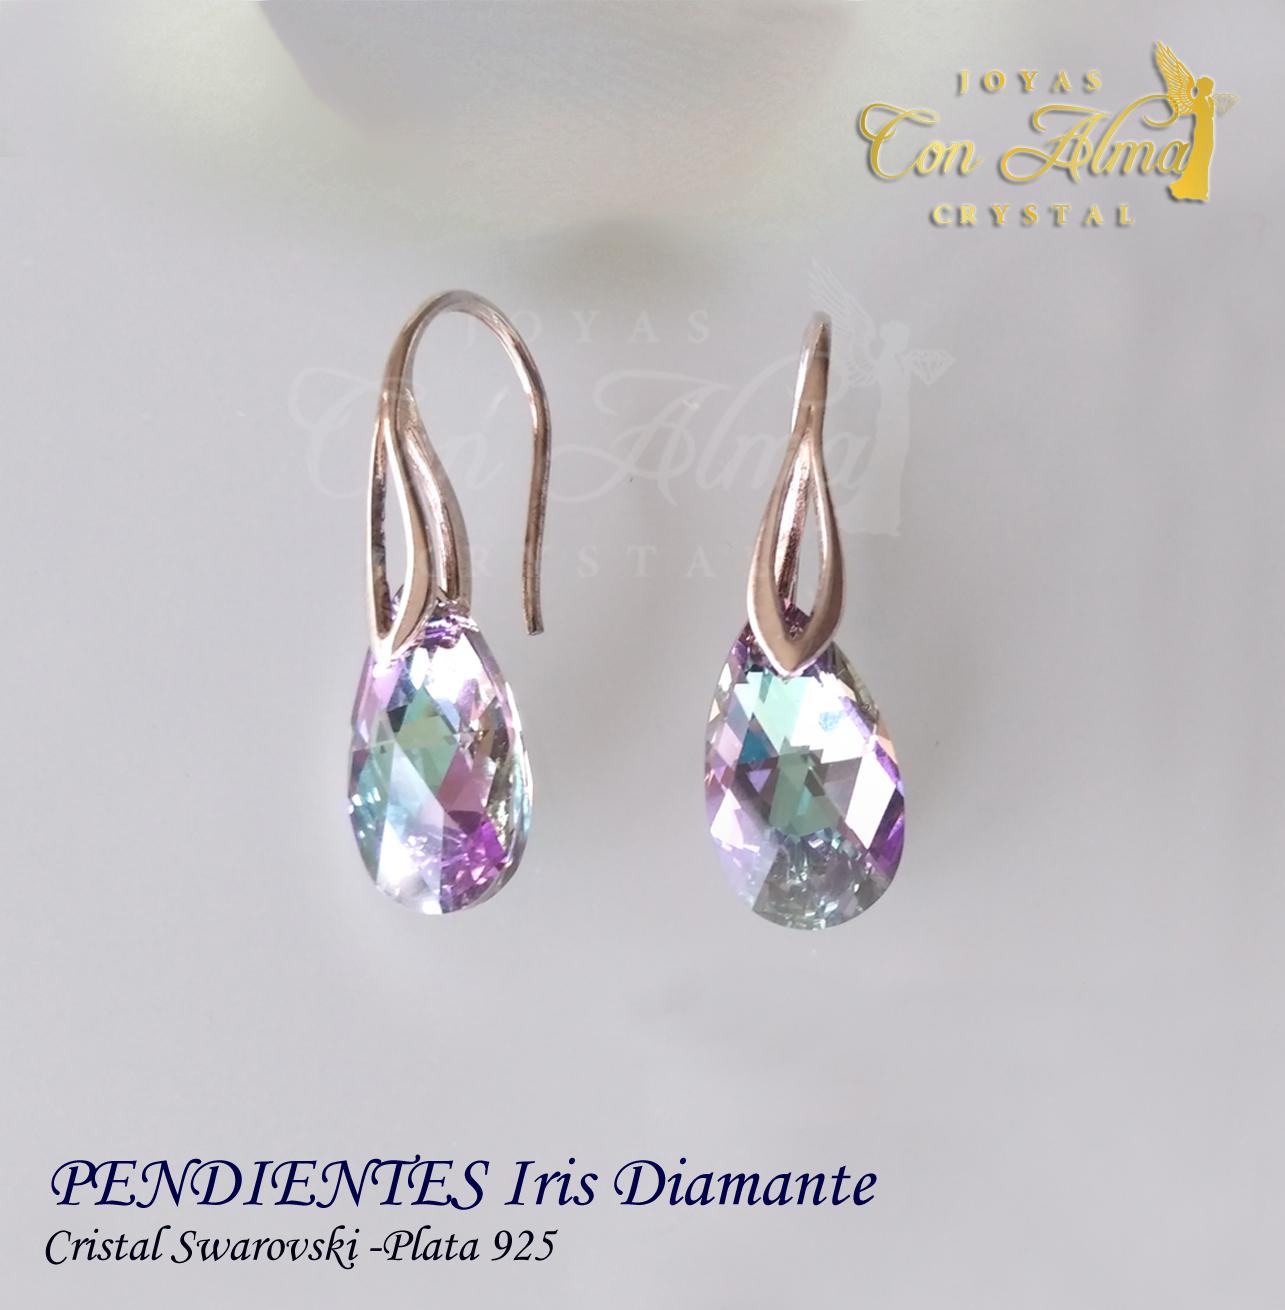 Pendientes Iris Diamante 26 €